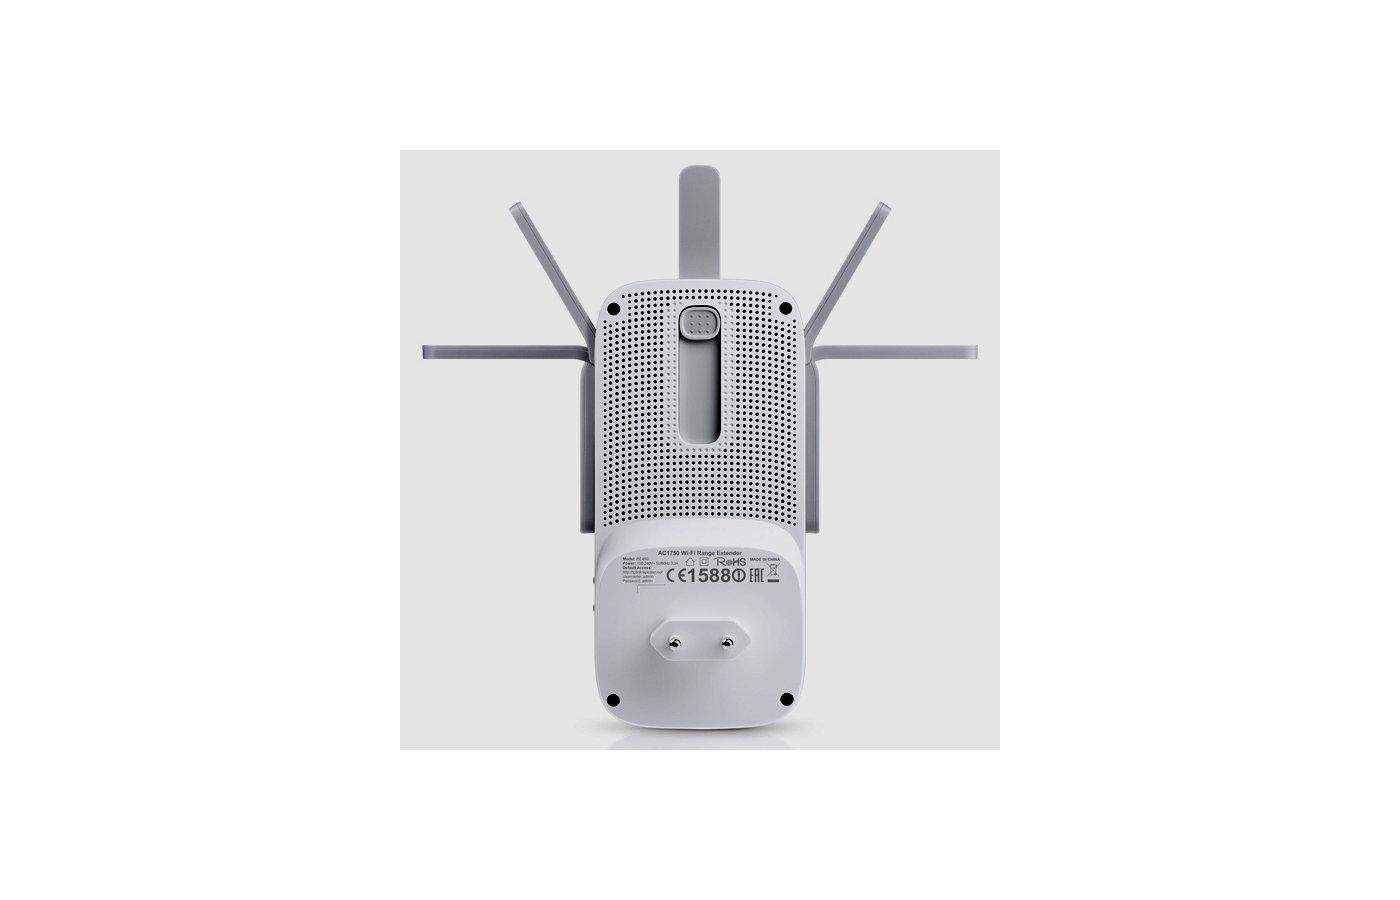 Сетевое оборудование TP-Link AC1750 RE450 Wi-Fi